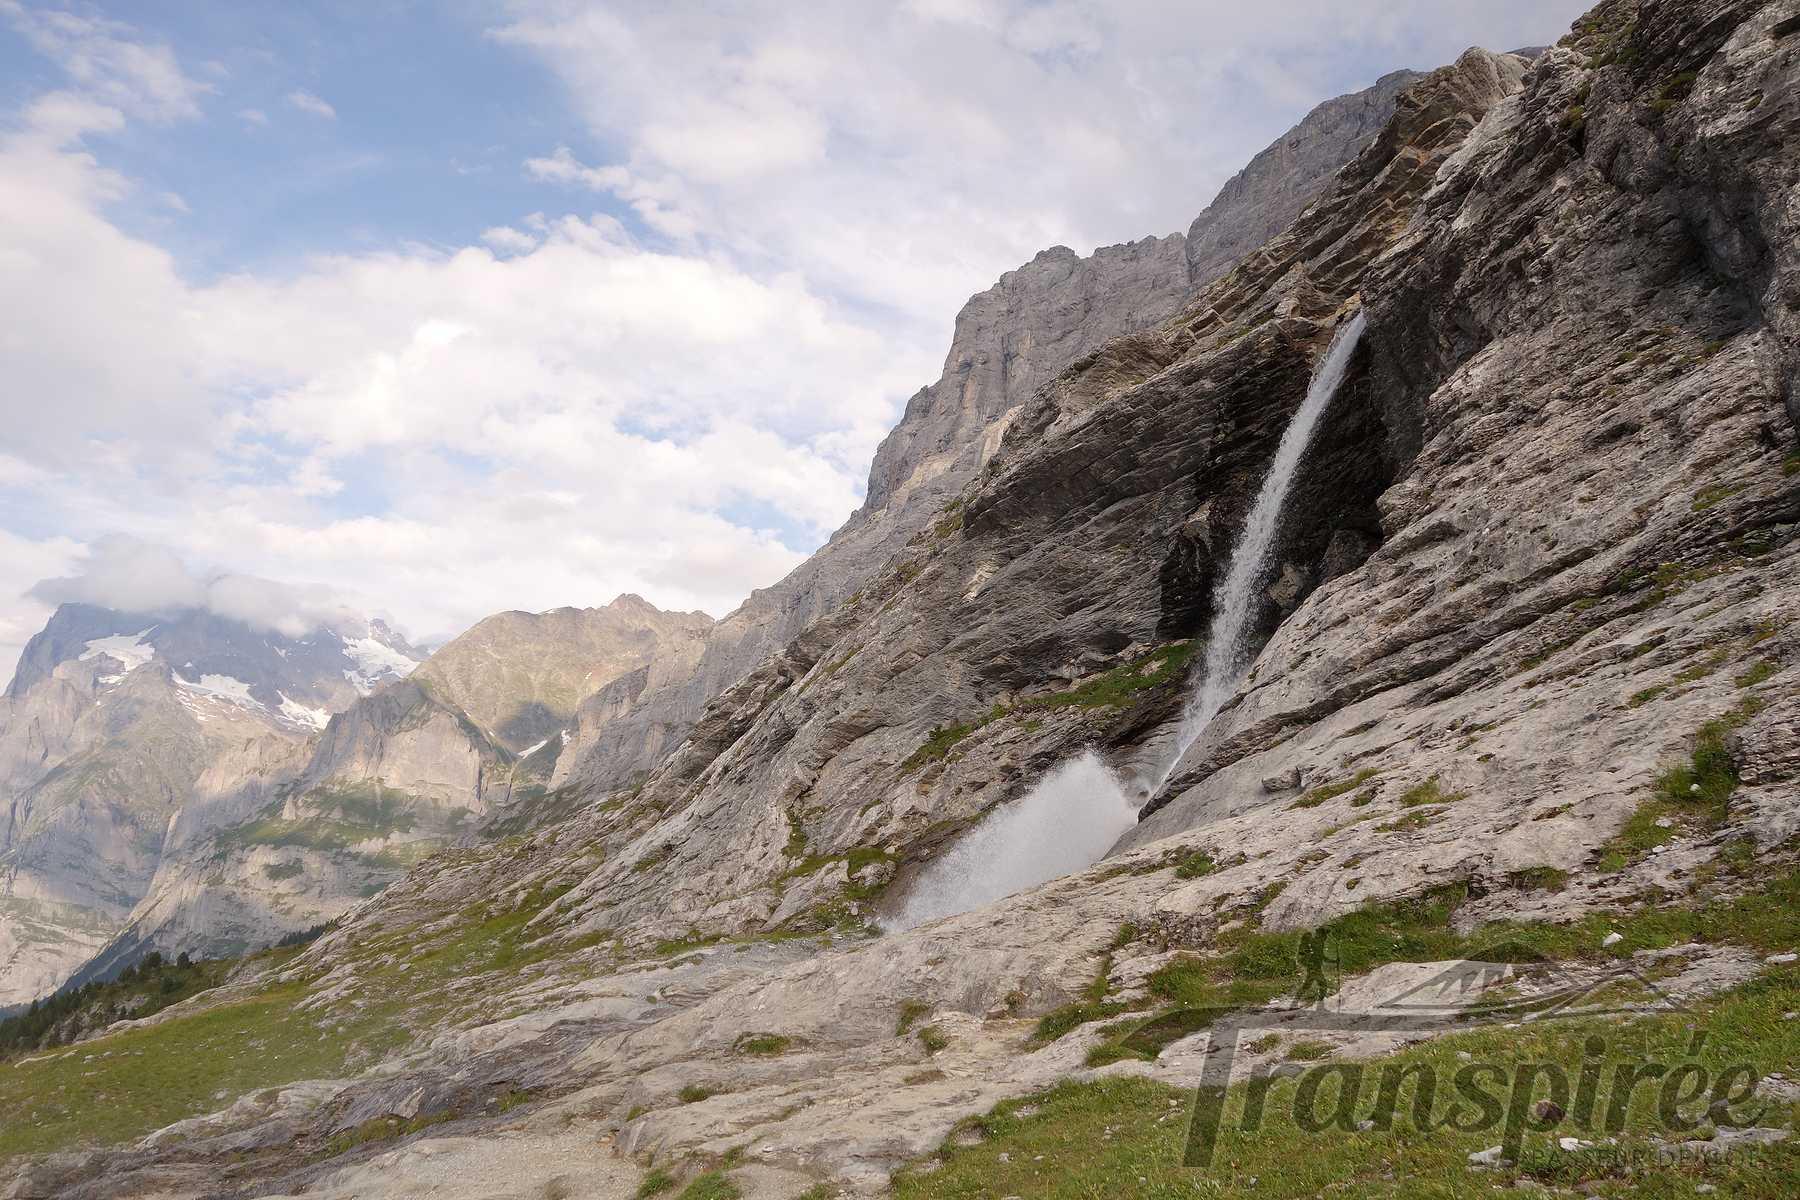 Randonnée à l'Eiger Trail depuis la Mönchsjochhütte jusqu'à Alpiglen